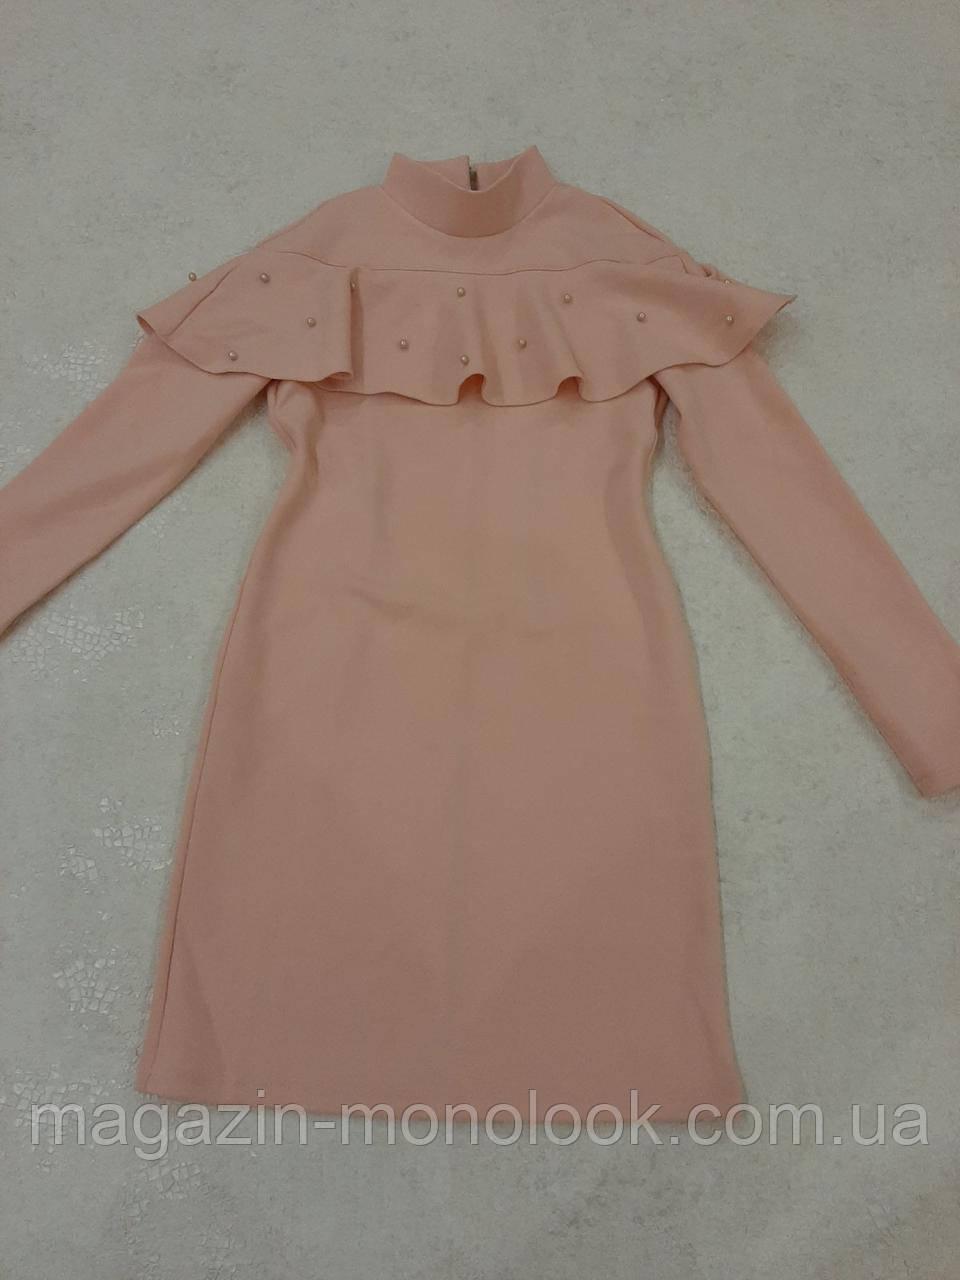 Платье на девочку Анна